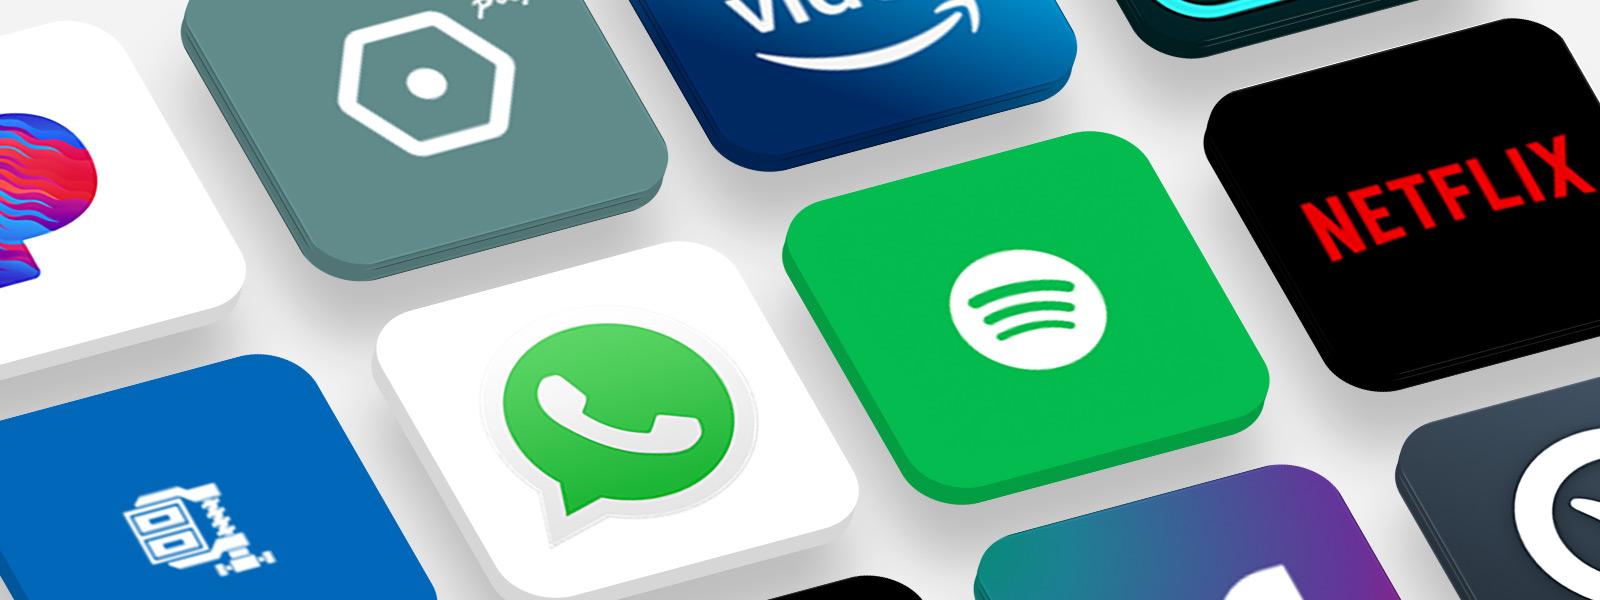 Πολλά λογότυπα δημοφιλών εφαρμογών